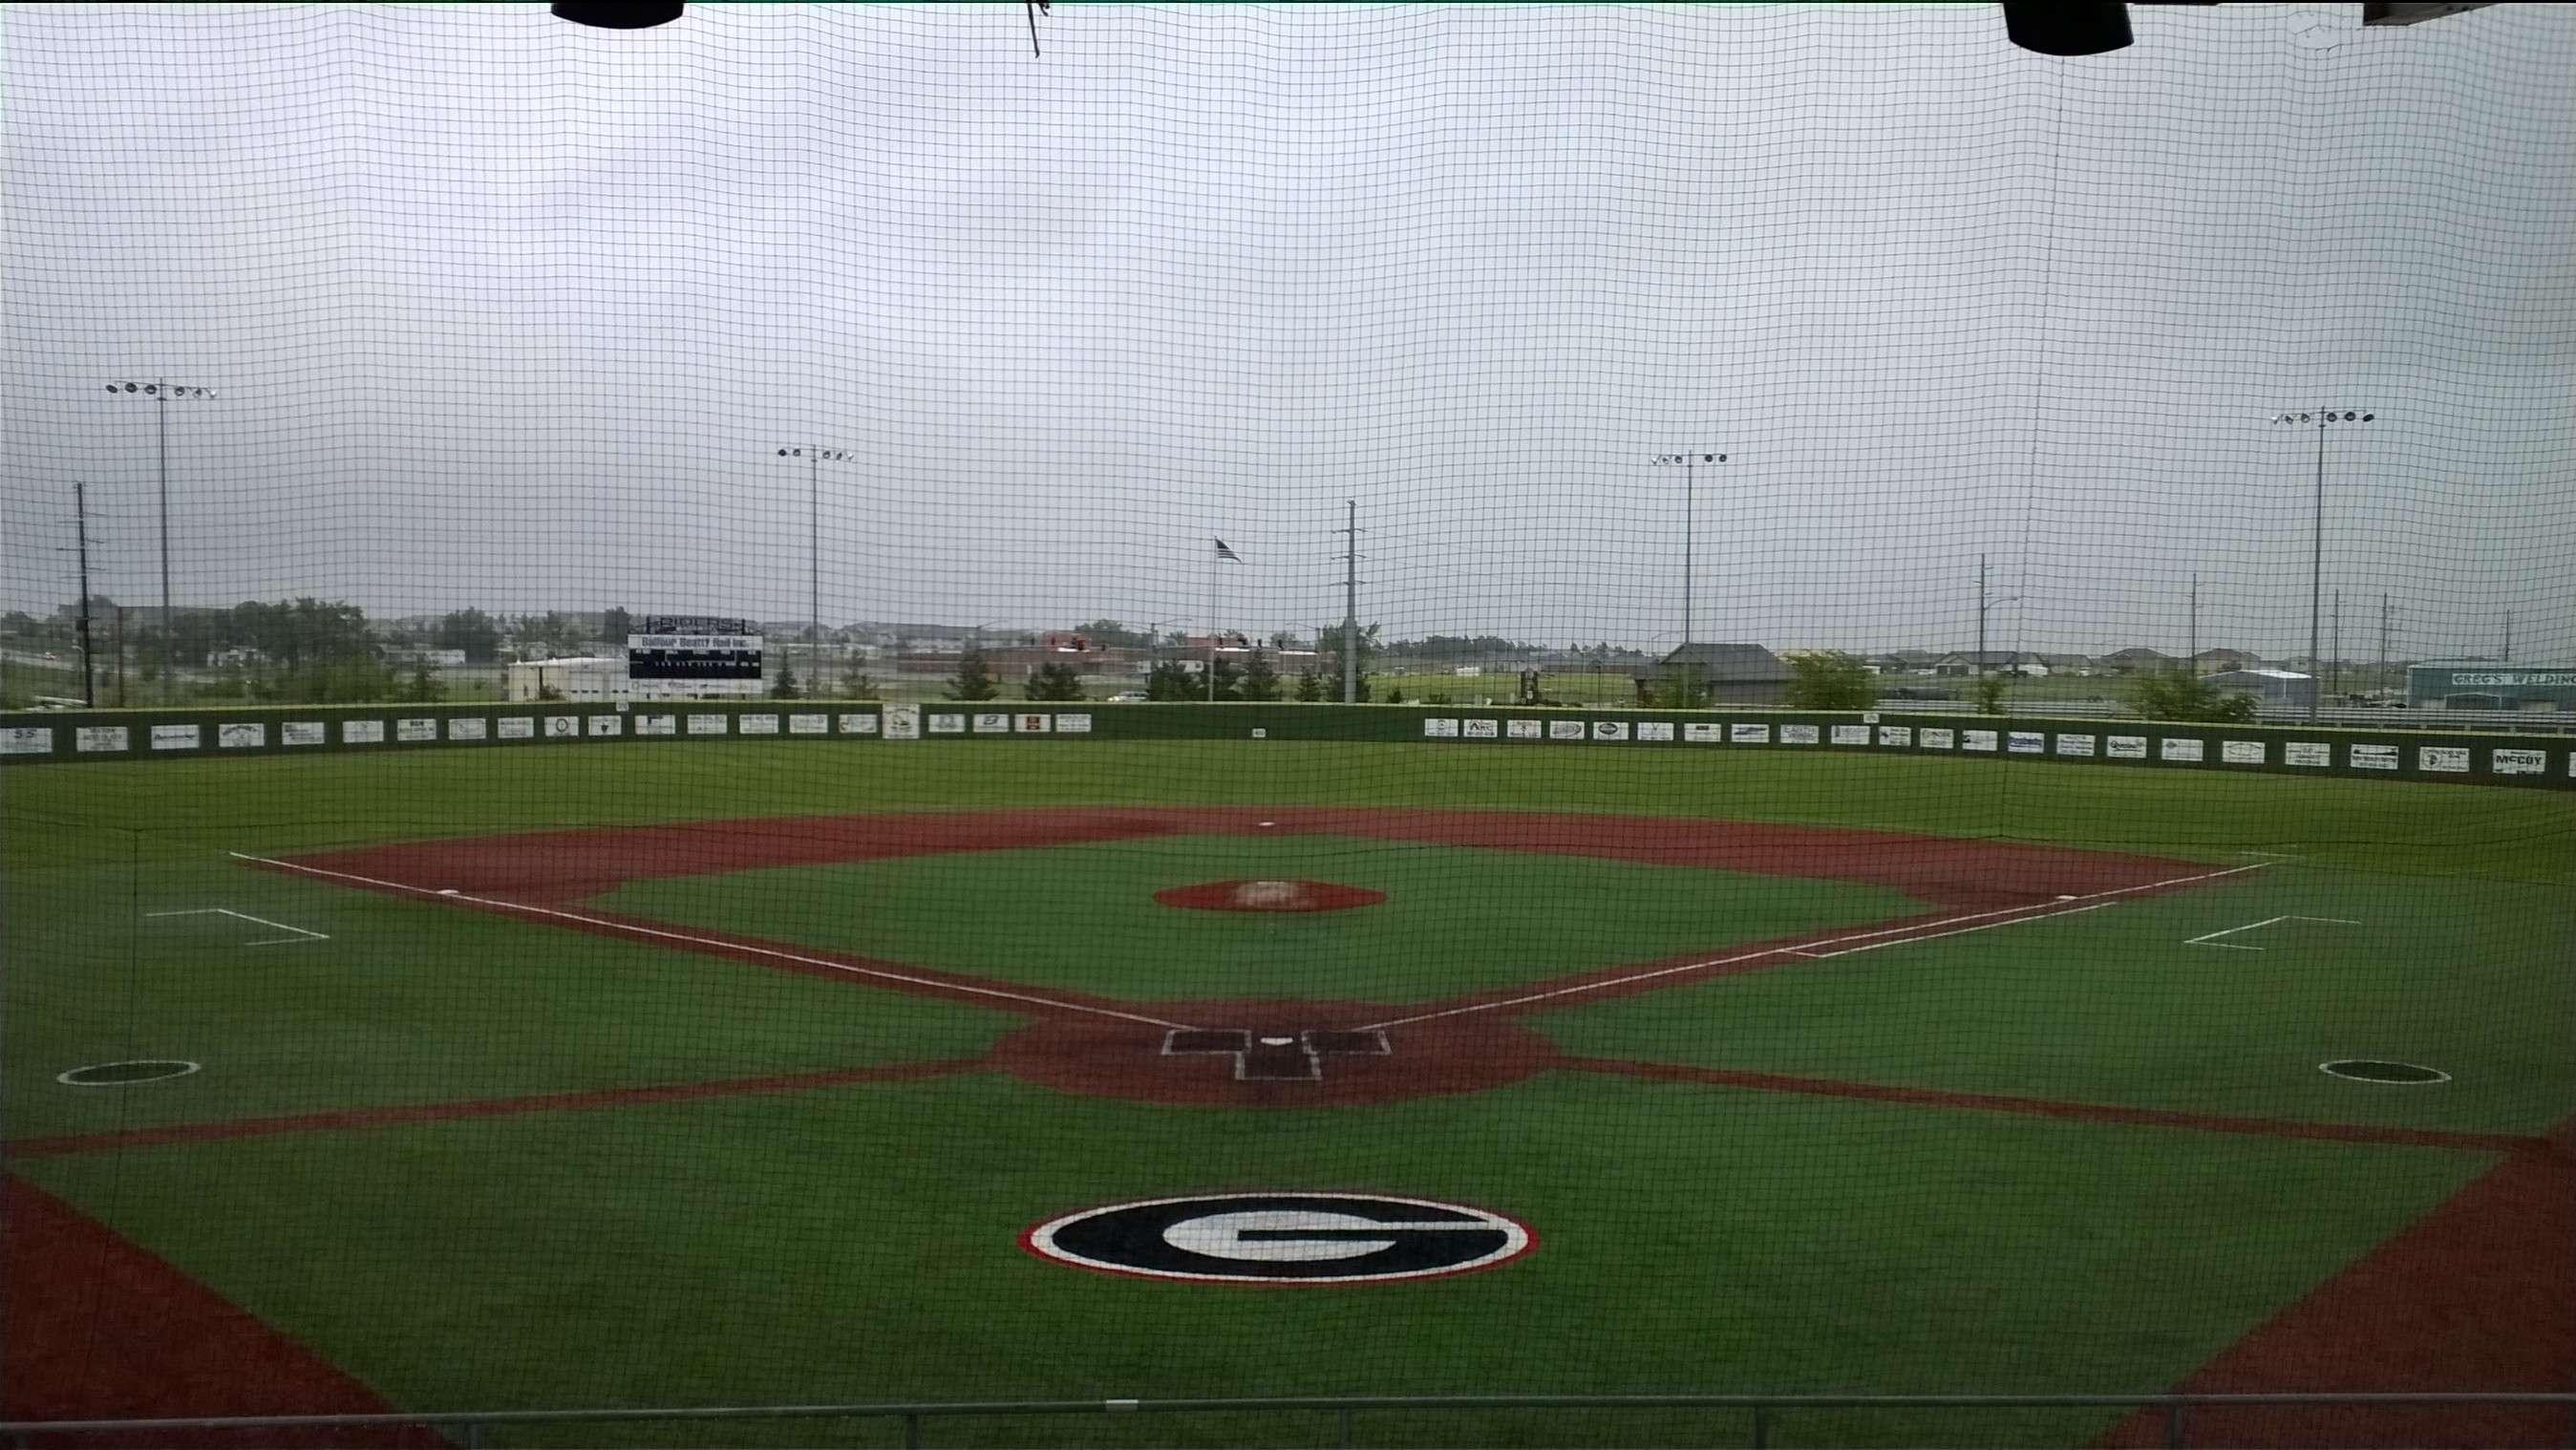 Field 2014